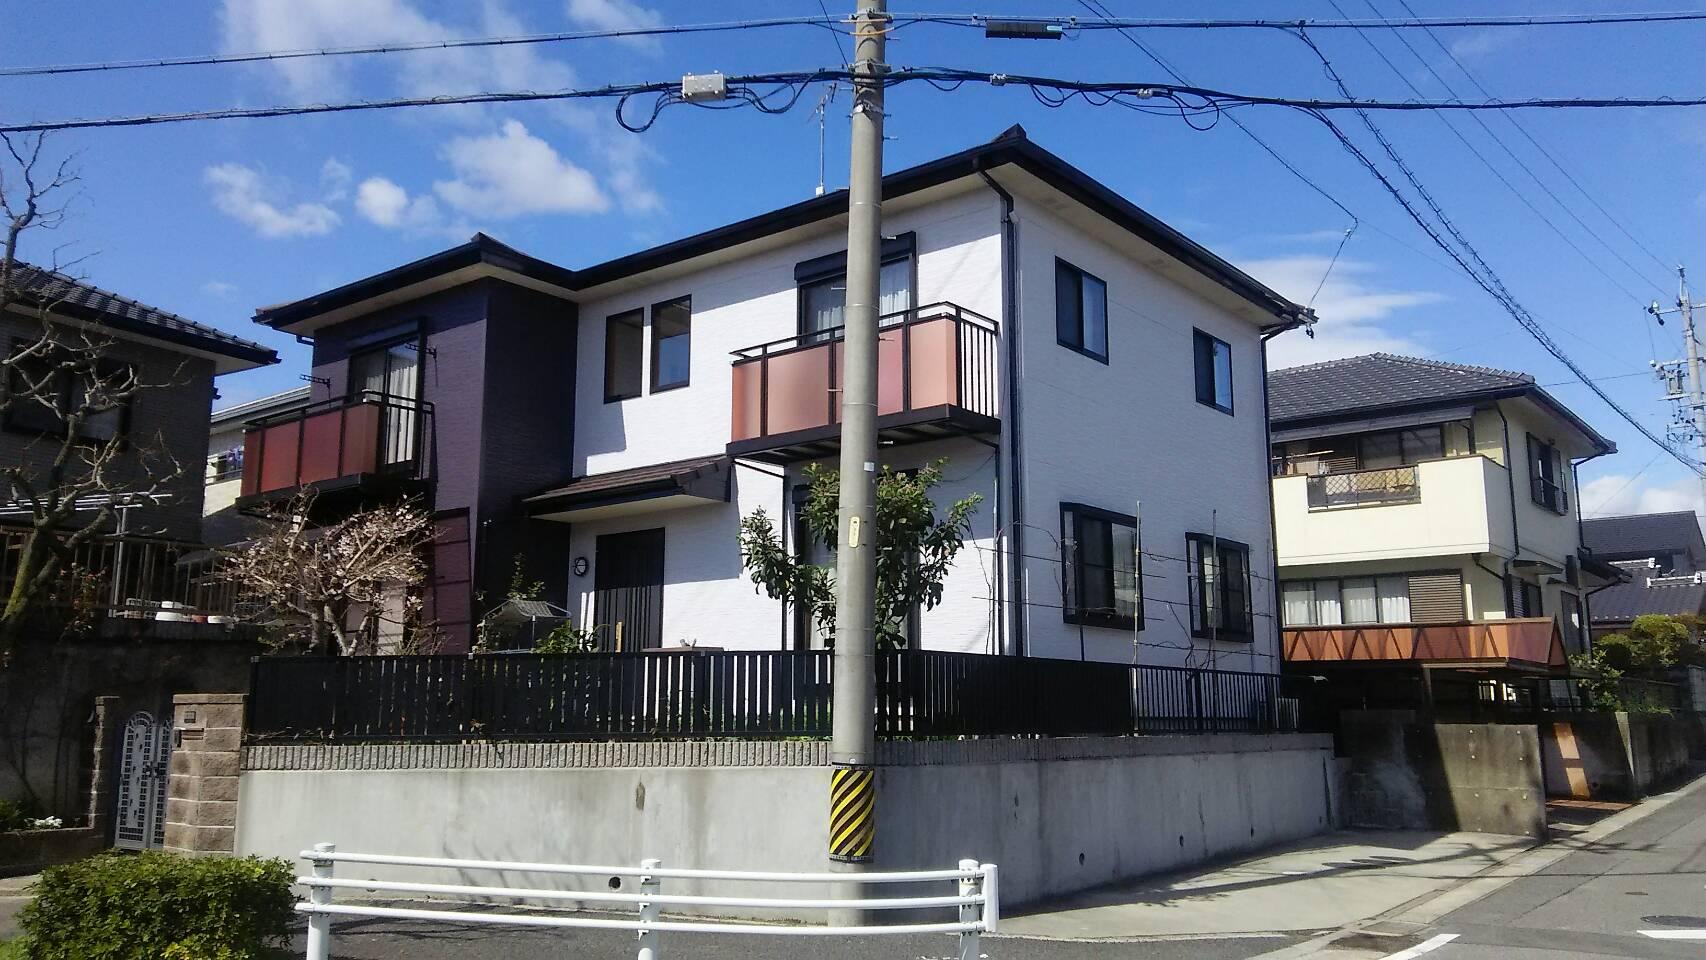 現場日誌5 安城市、岡崎市の外壁塗装、屋根塗装の紹介なら塗装見積り.com愛知-3